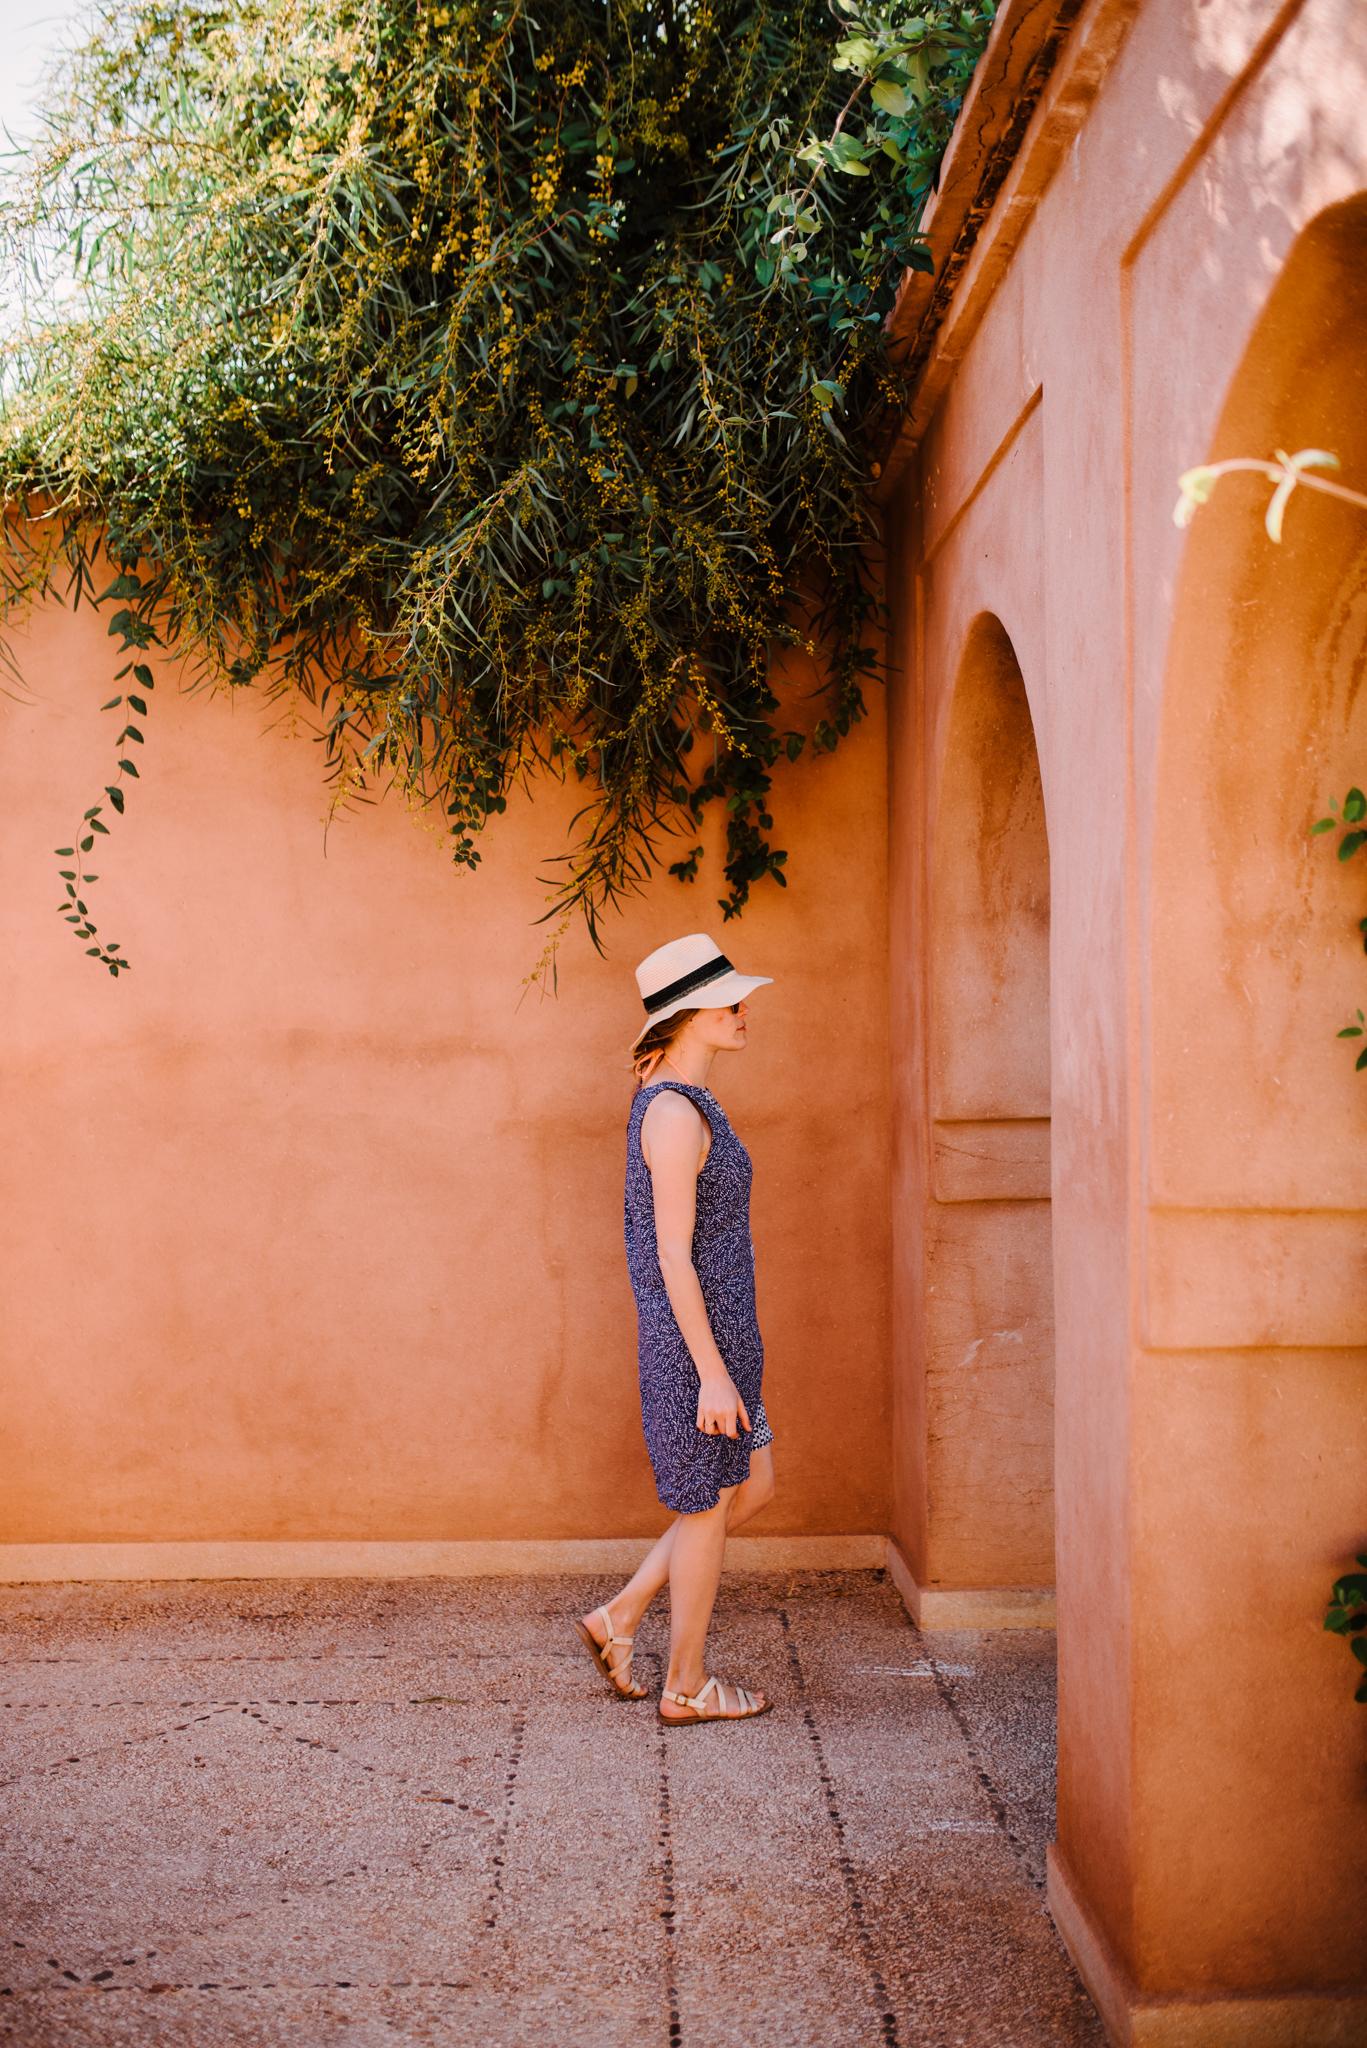 Anoukfotografeert Marokko reis-254